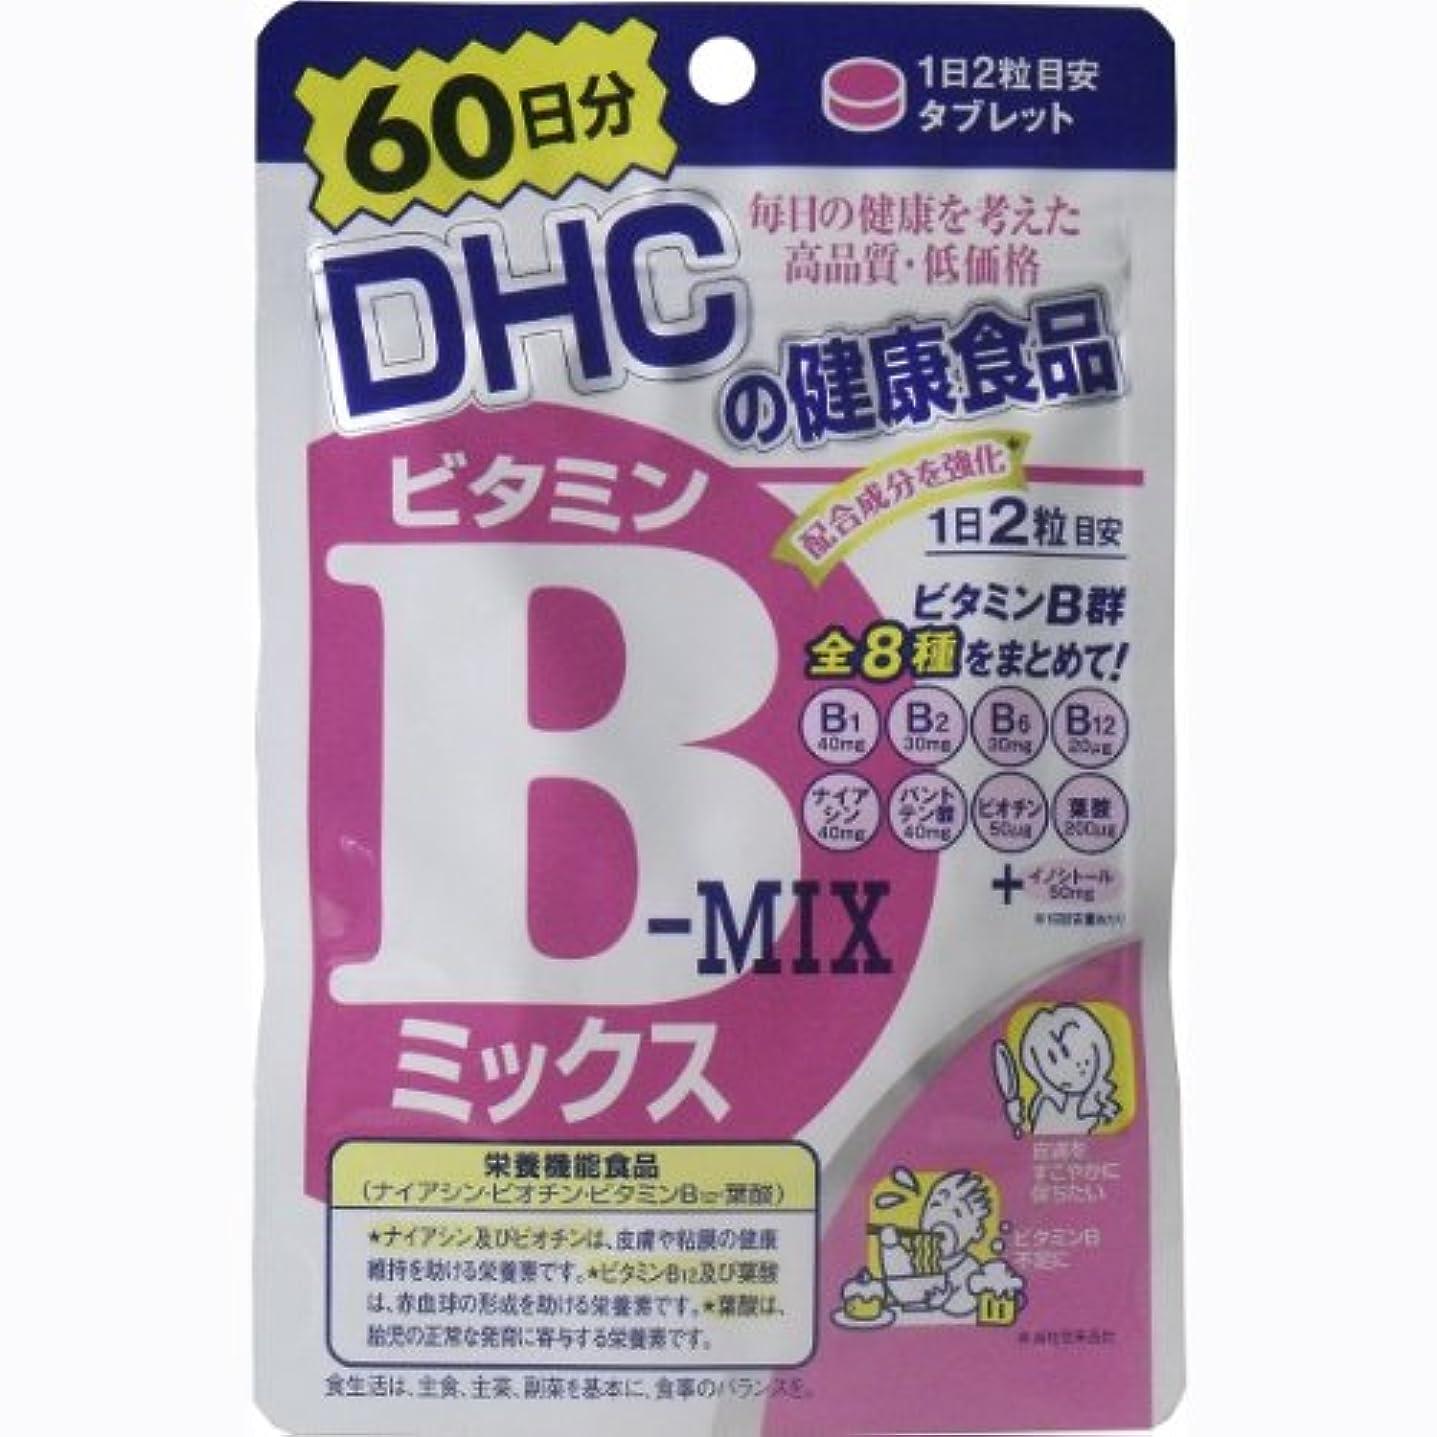 【まとめ買い】DHC ビタミンBミックス 60日分 120粒 ×2セット